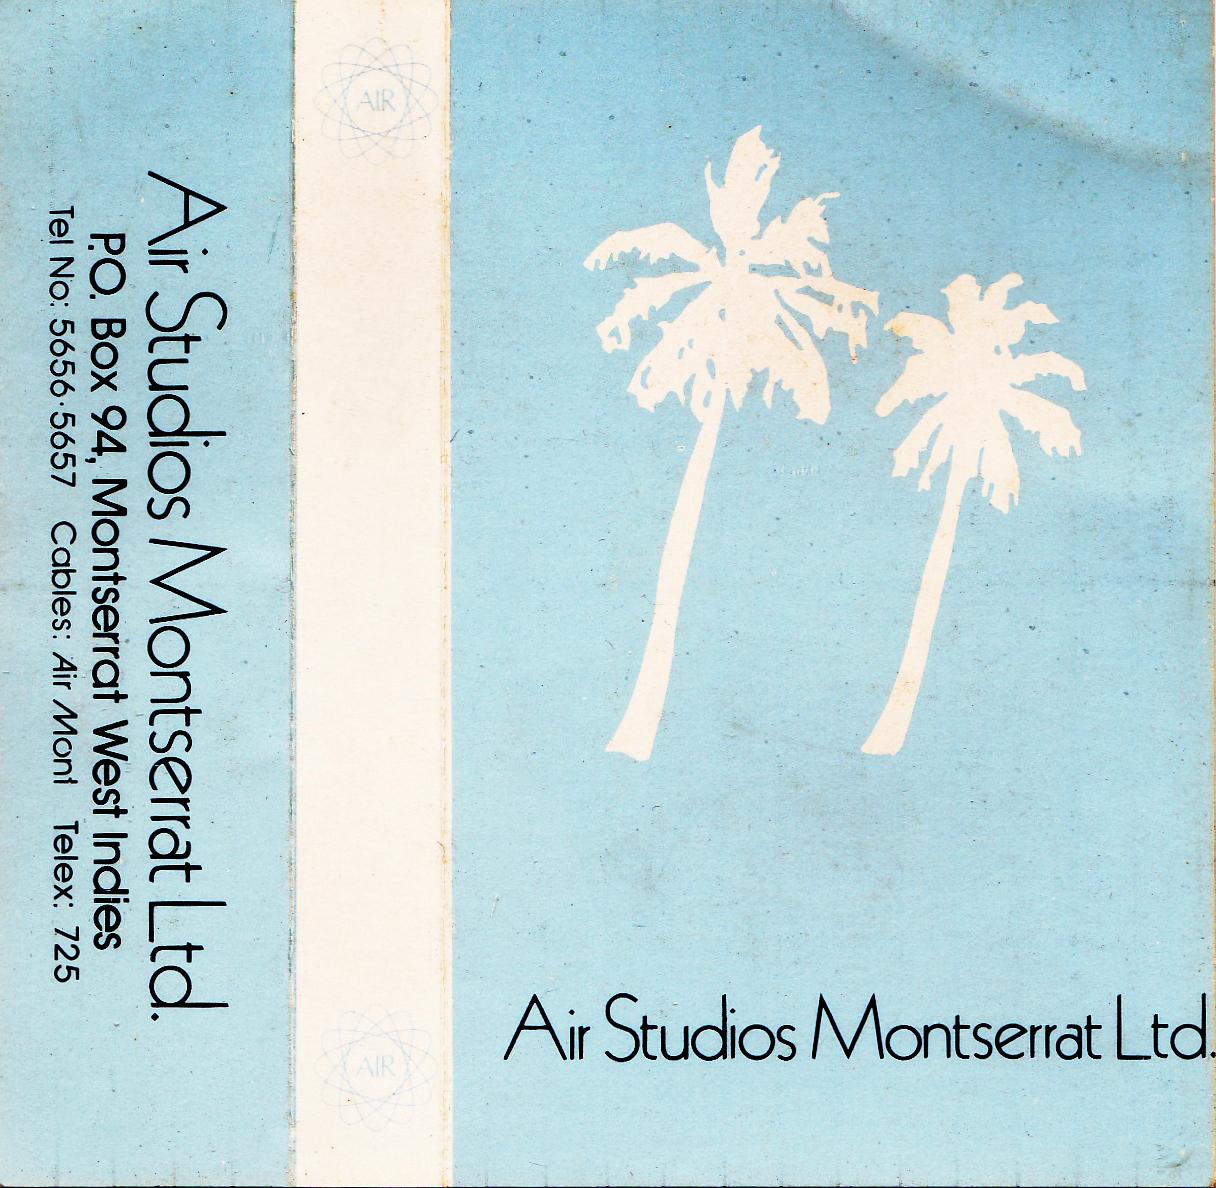 air studios cassette